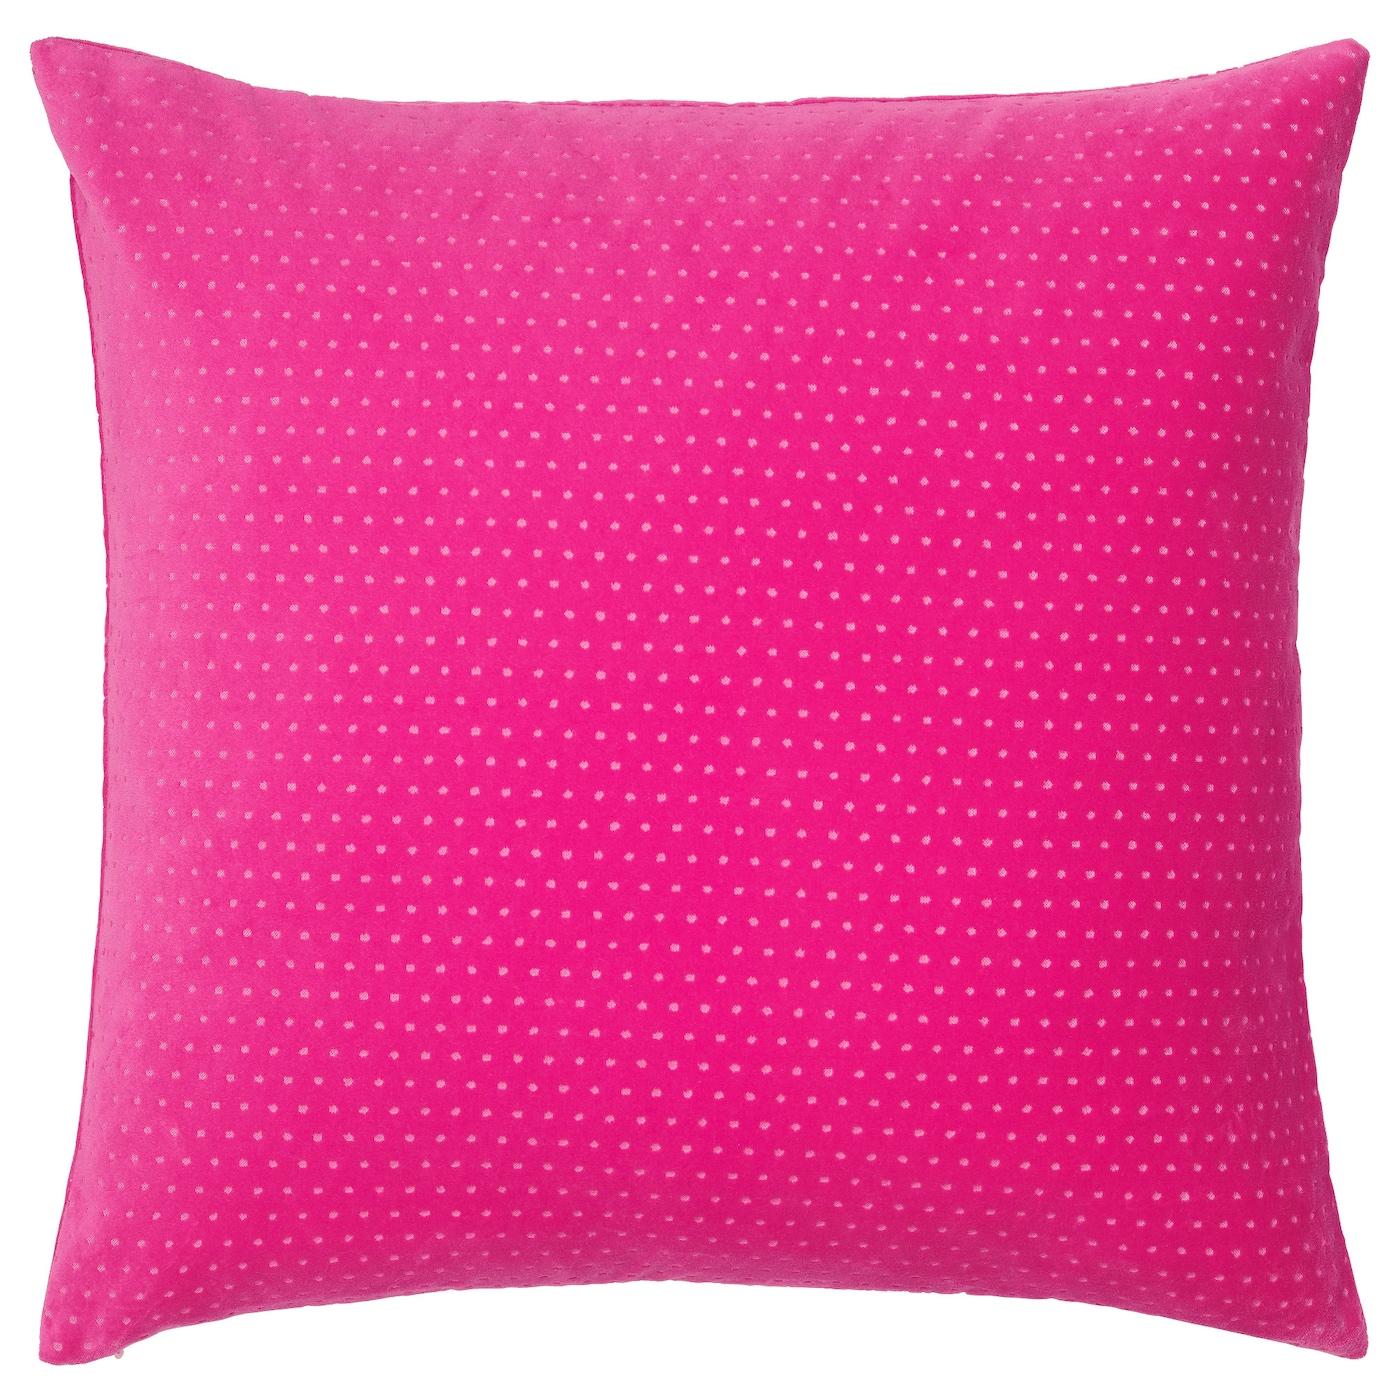 sommar 2018 kussenovertrek roze 50x50 cm ikea. Black Bedroom Furniture Sets. Home Design Ideas